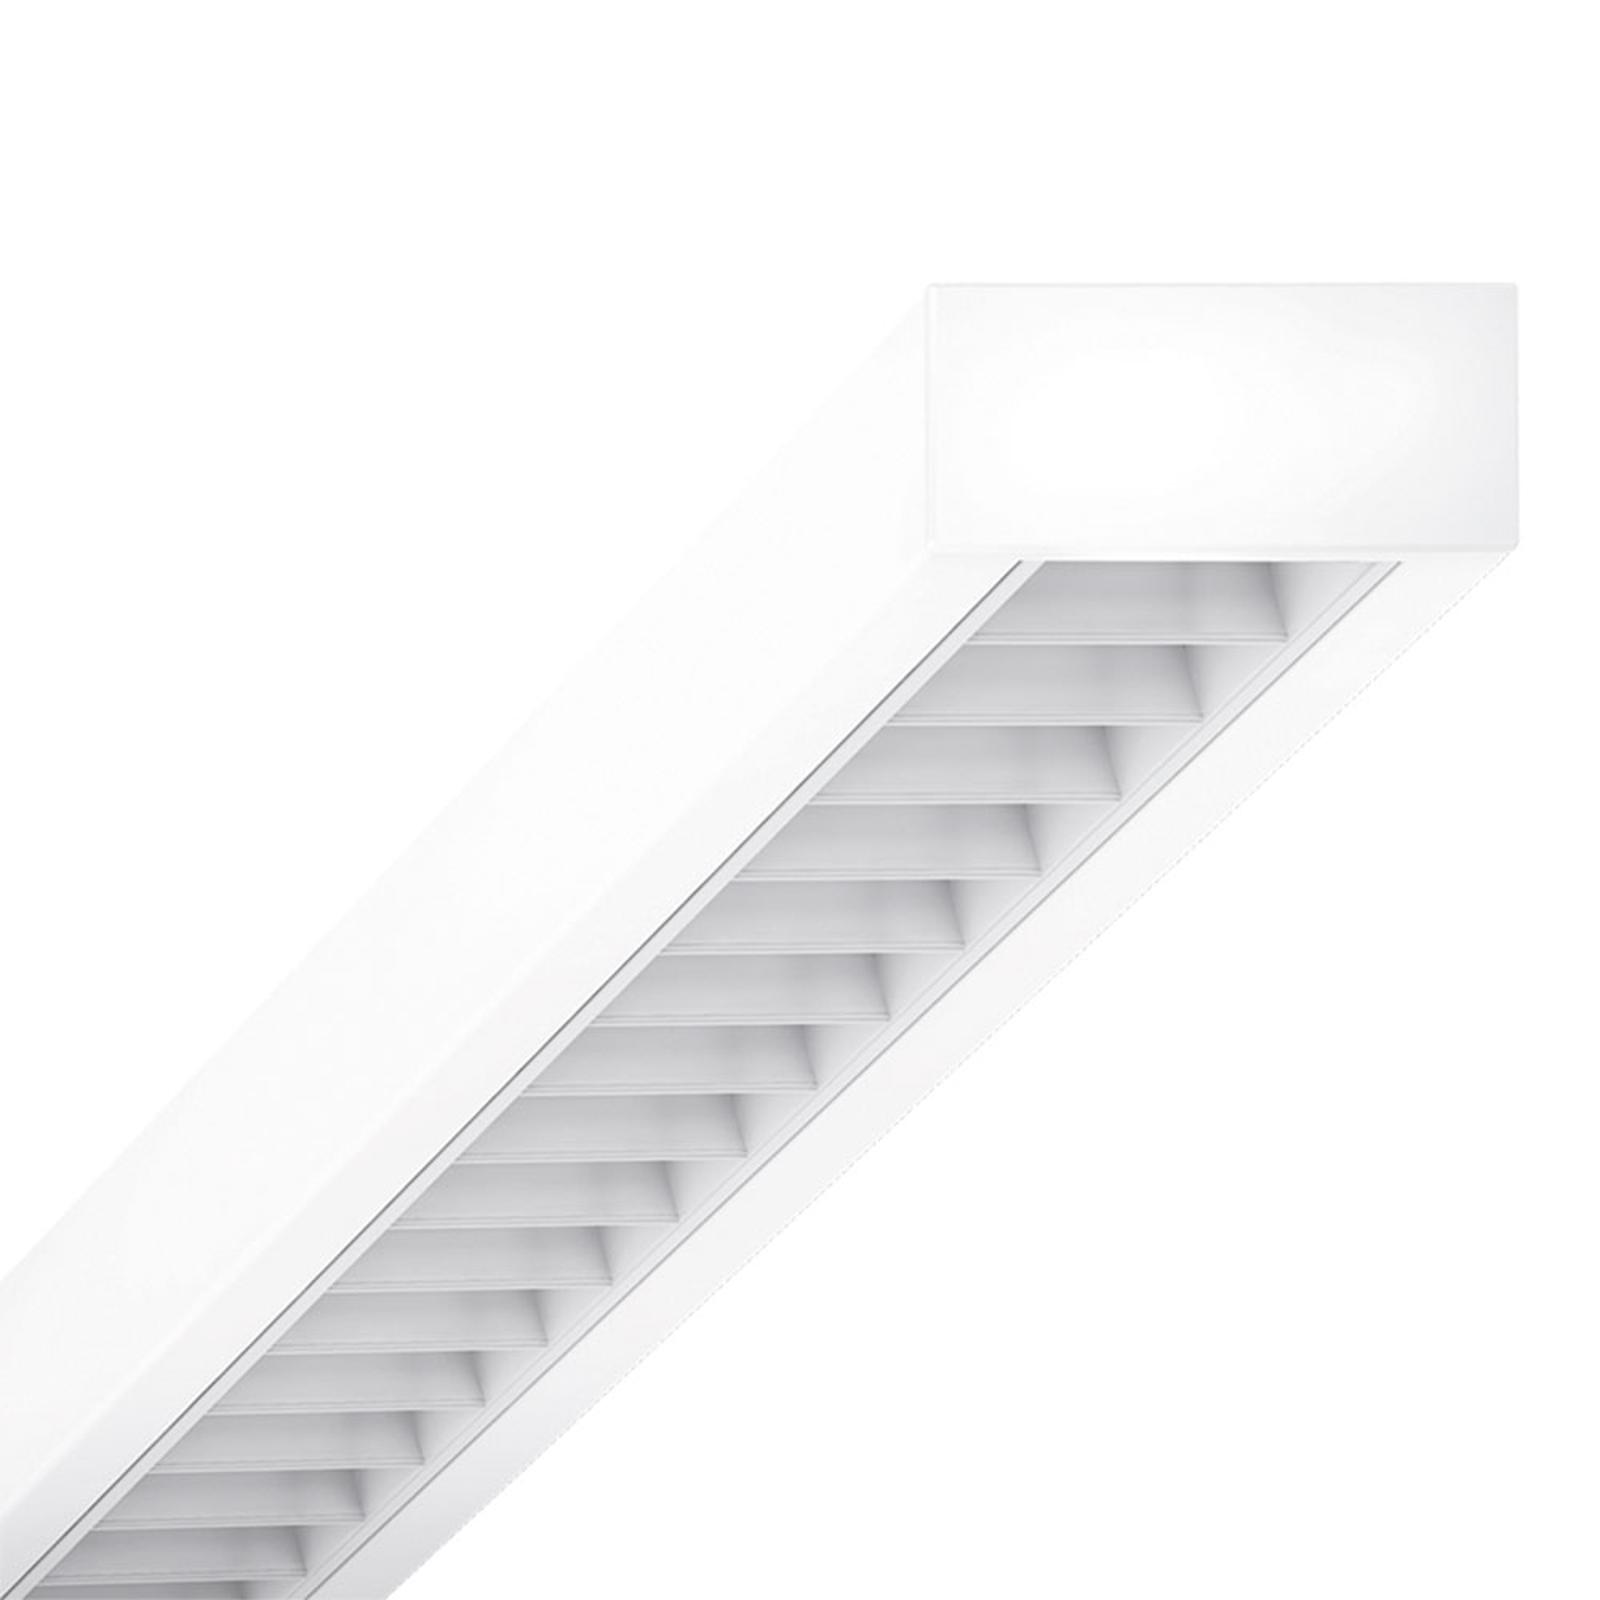 LED-kattovalo cubus-RSAXC-1500 4000 K rasteri